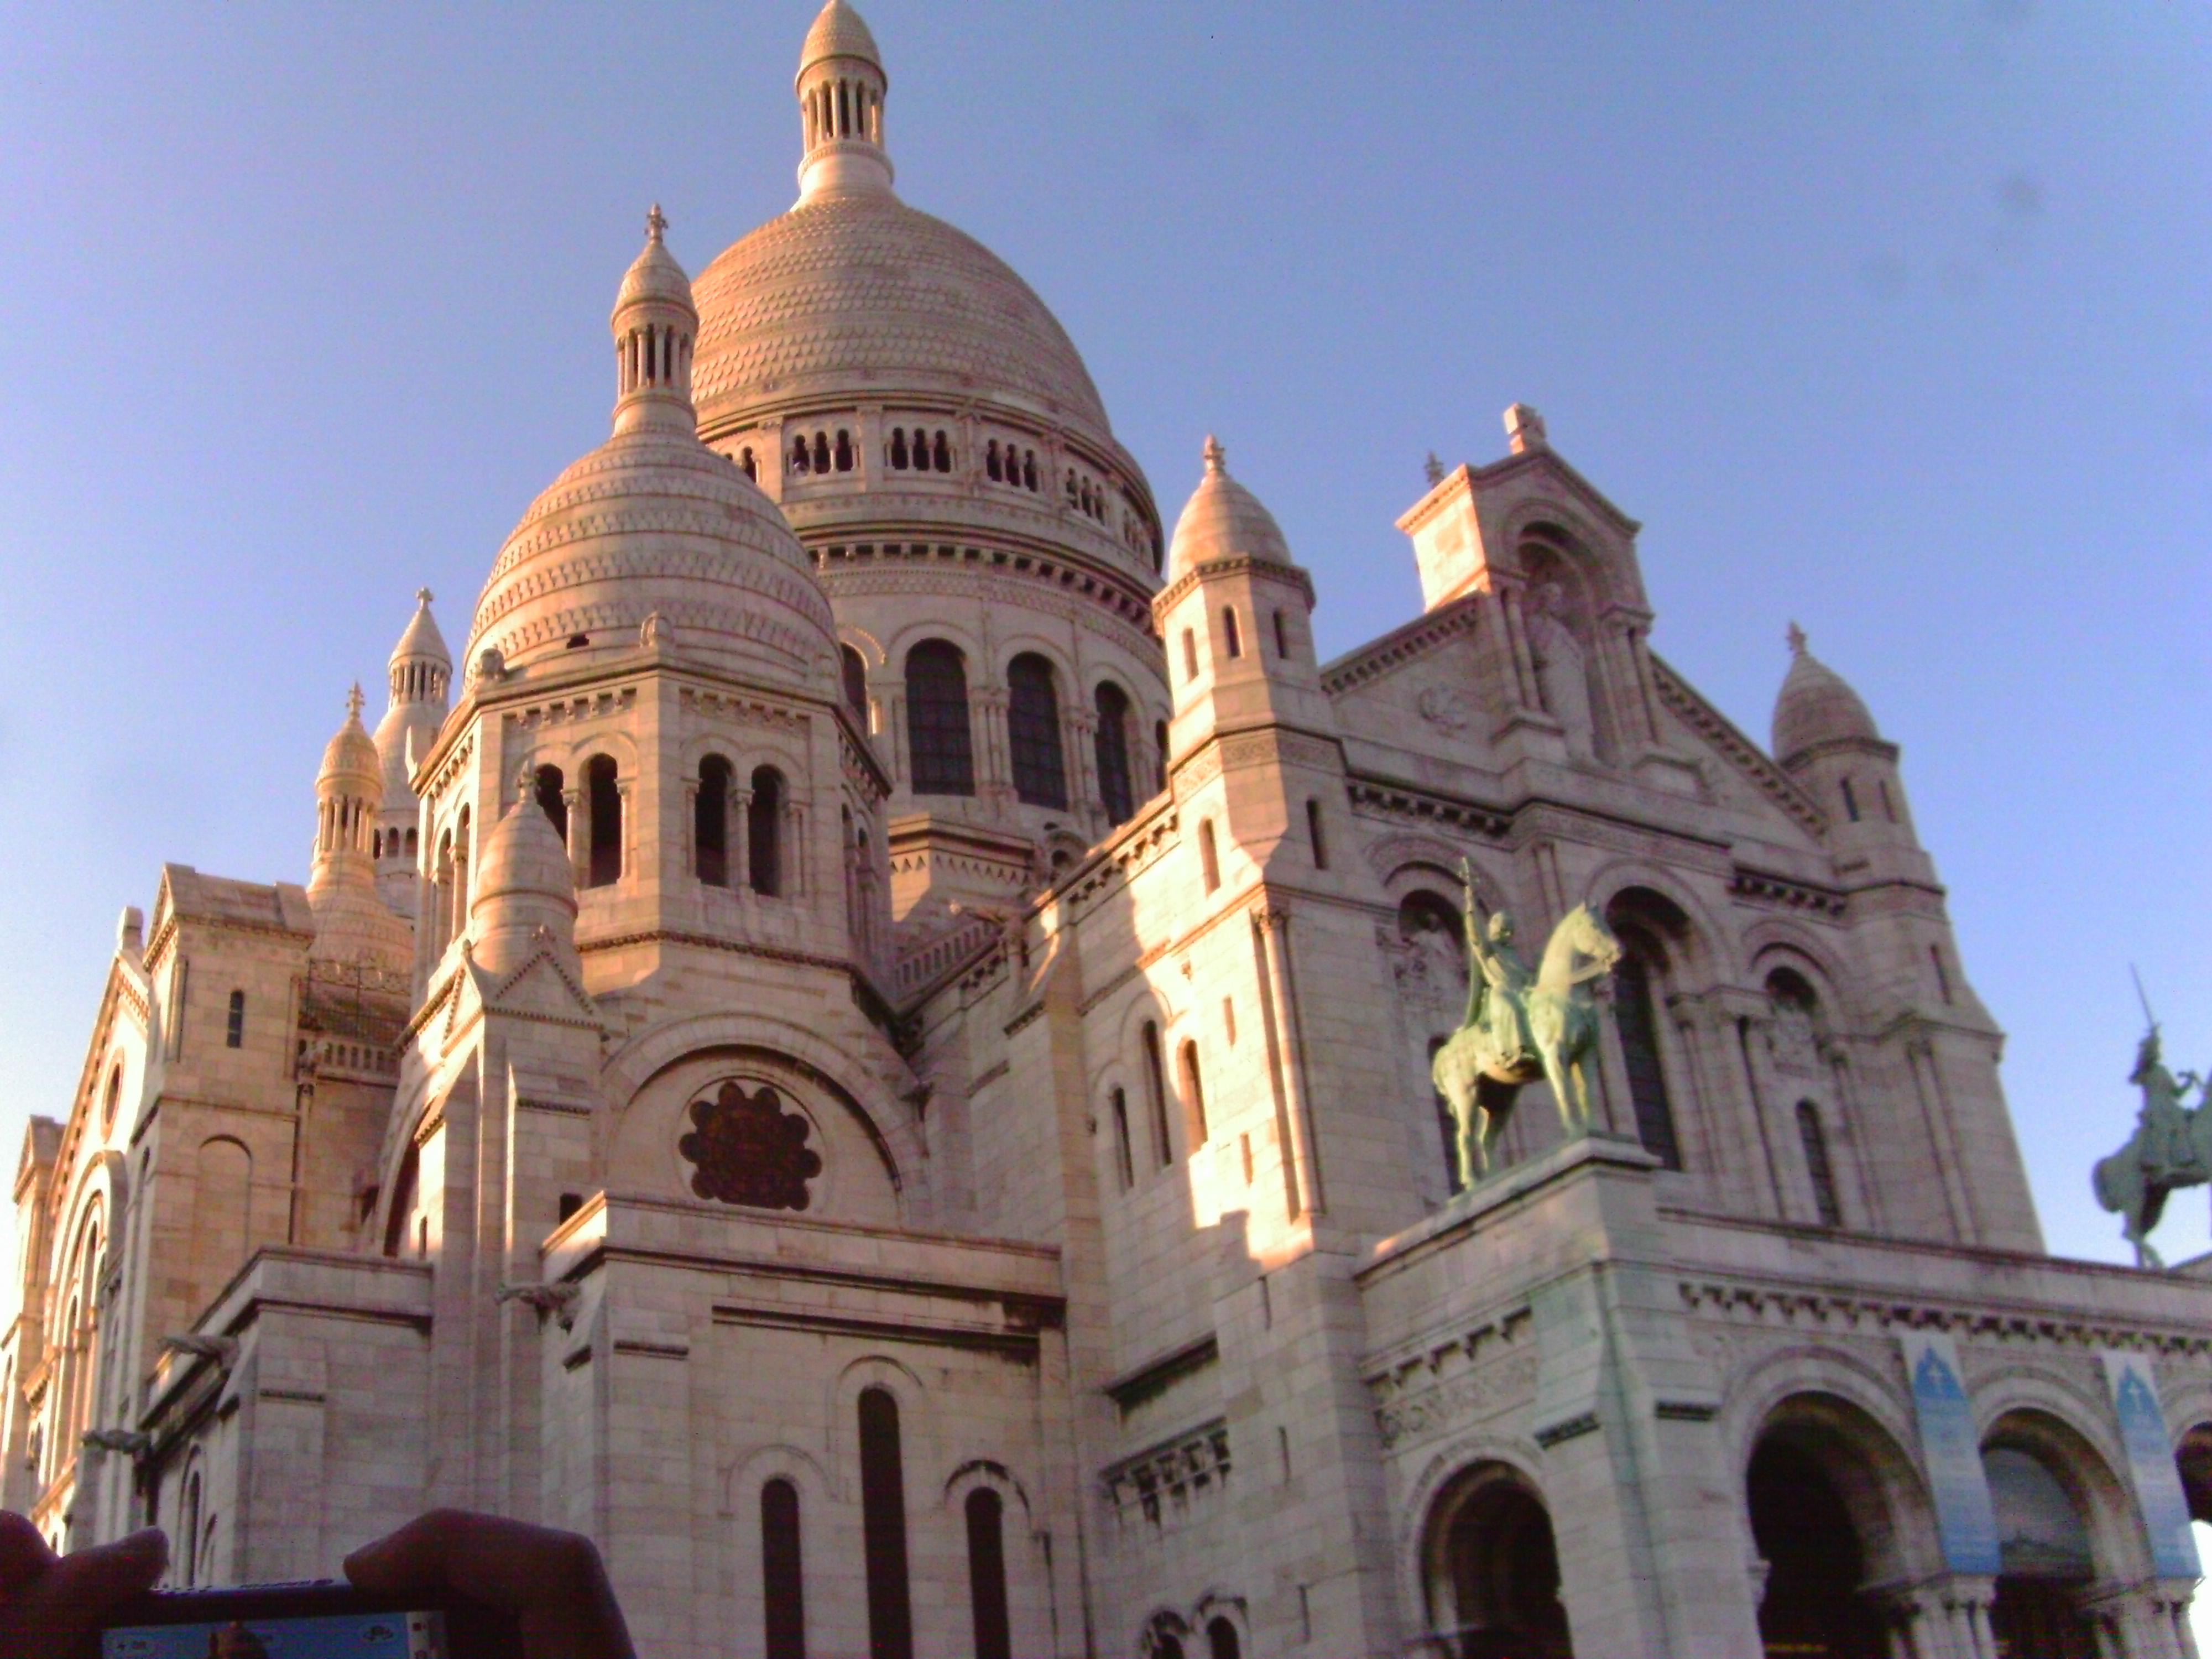 062 Sacre Coeur.JPG